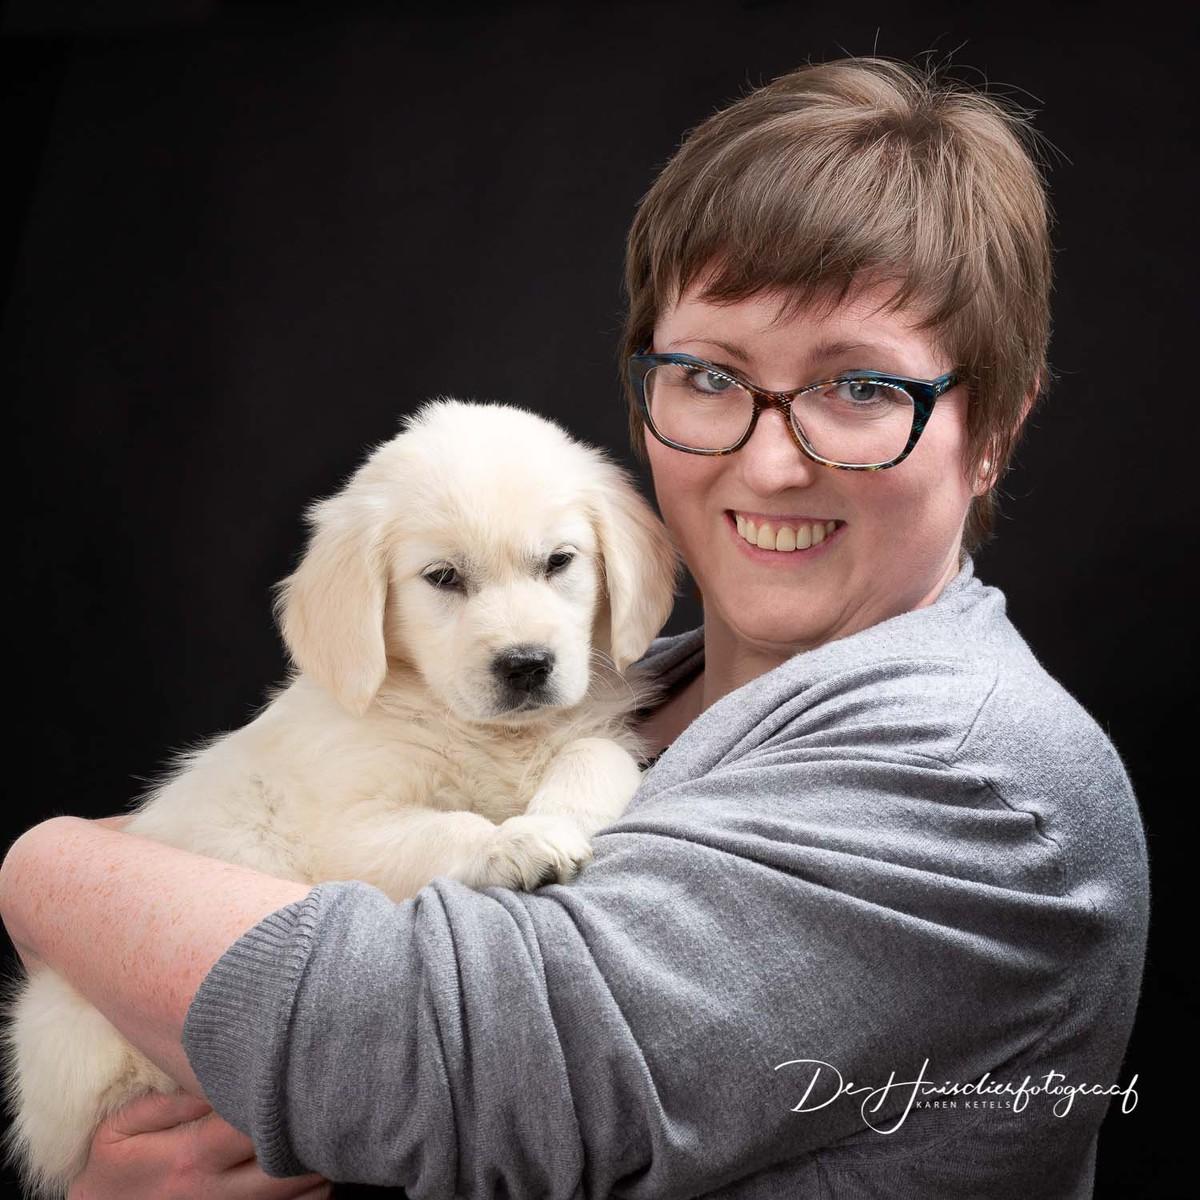 Portret van De Huisdierfotograaf Karen Ketels met op haar arm haar golden retriever puppy Hebe